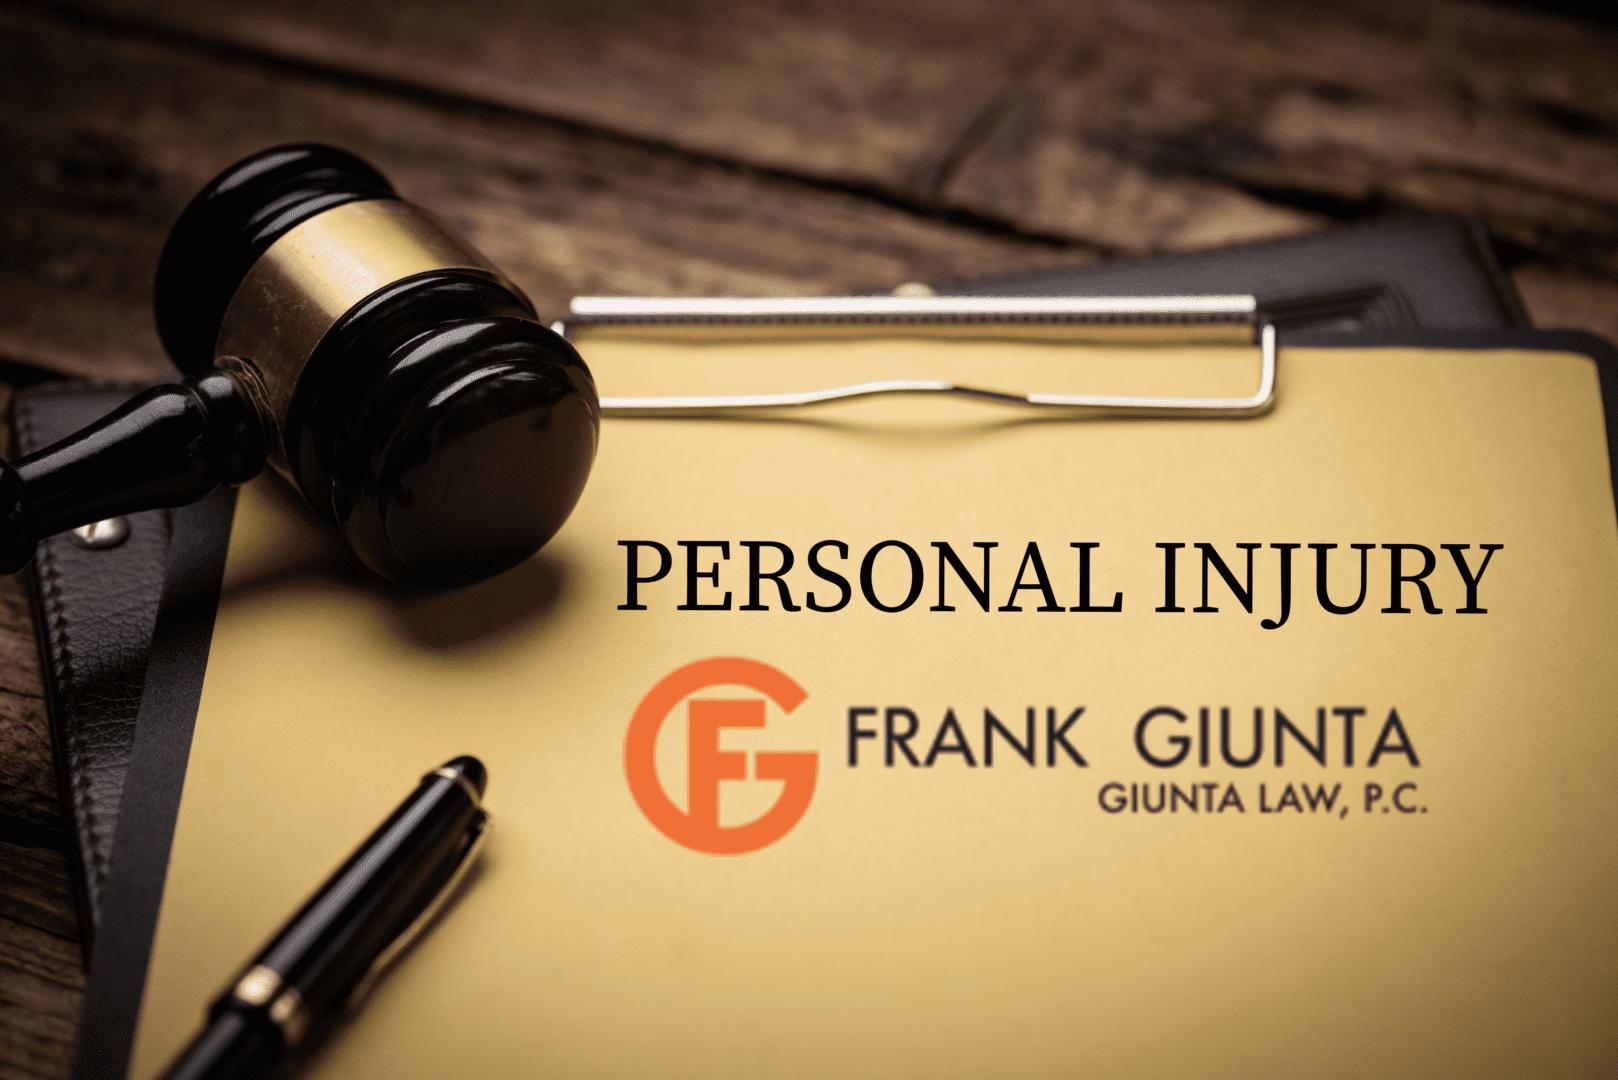 Frank Giunta personal injury law blog